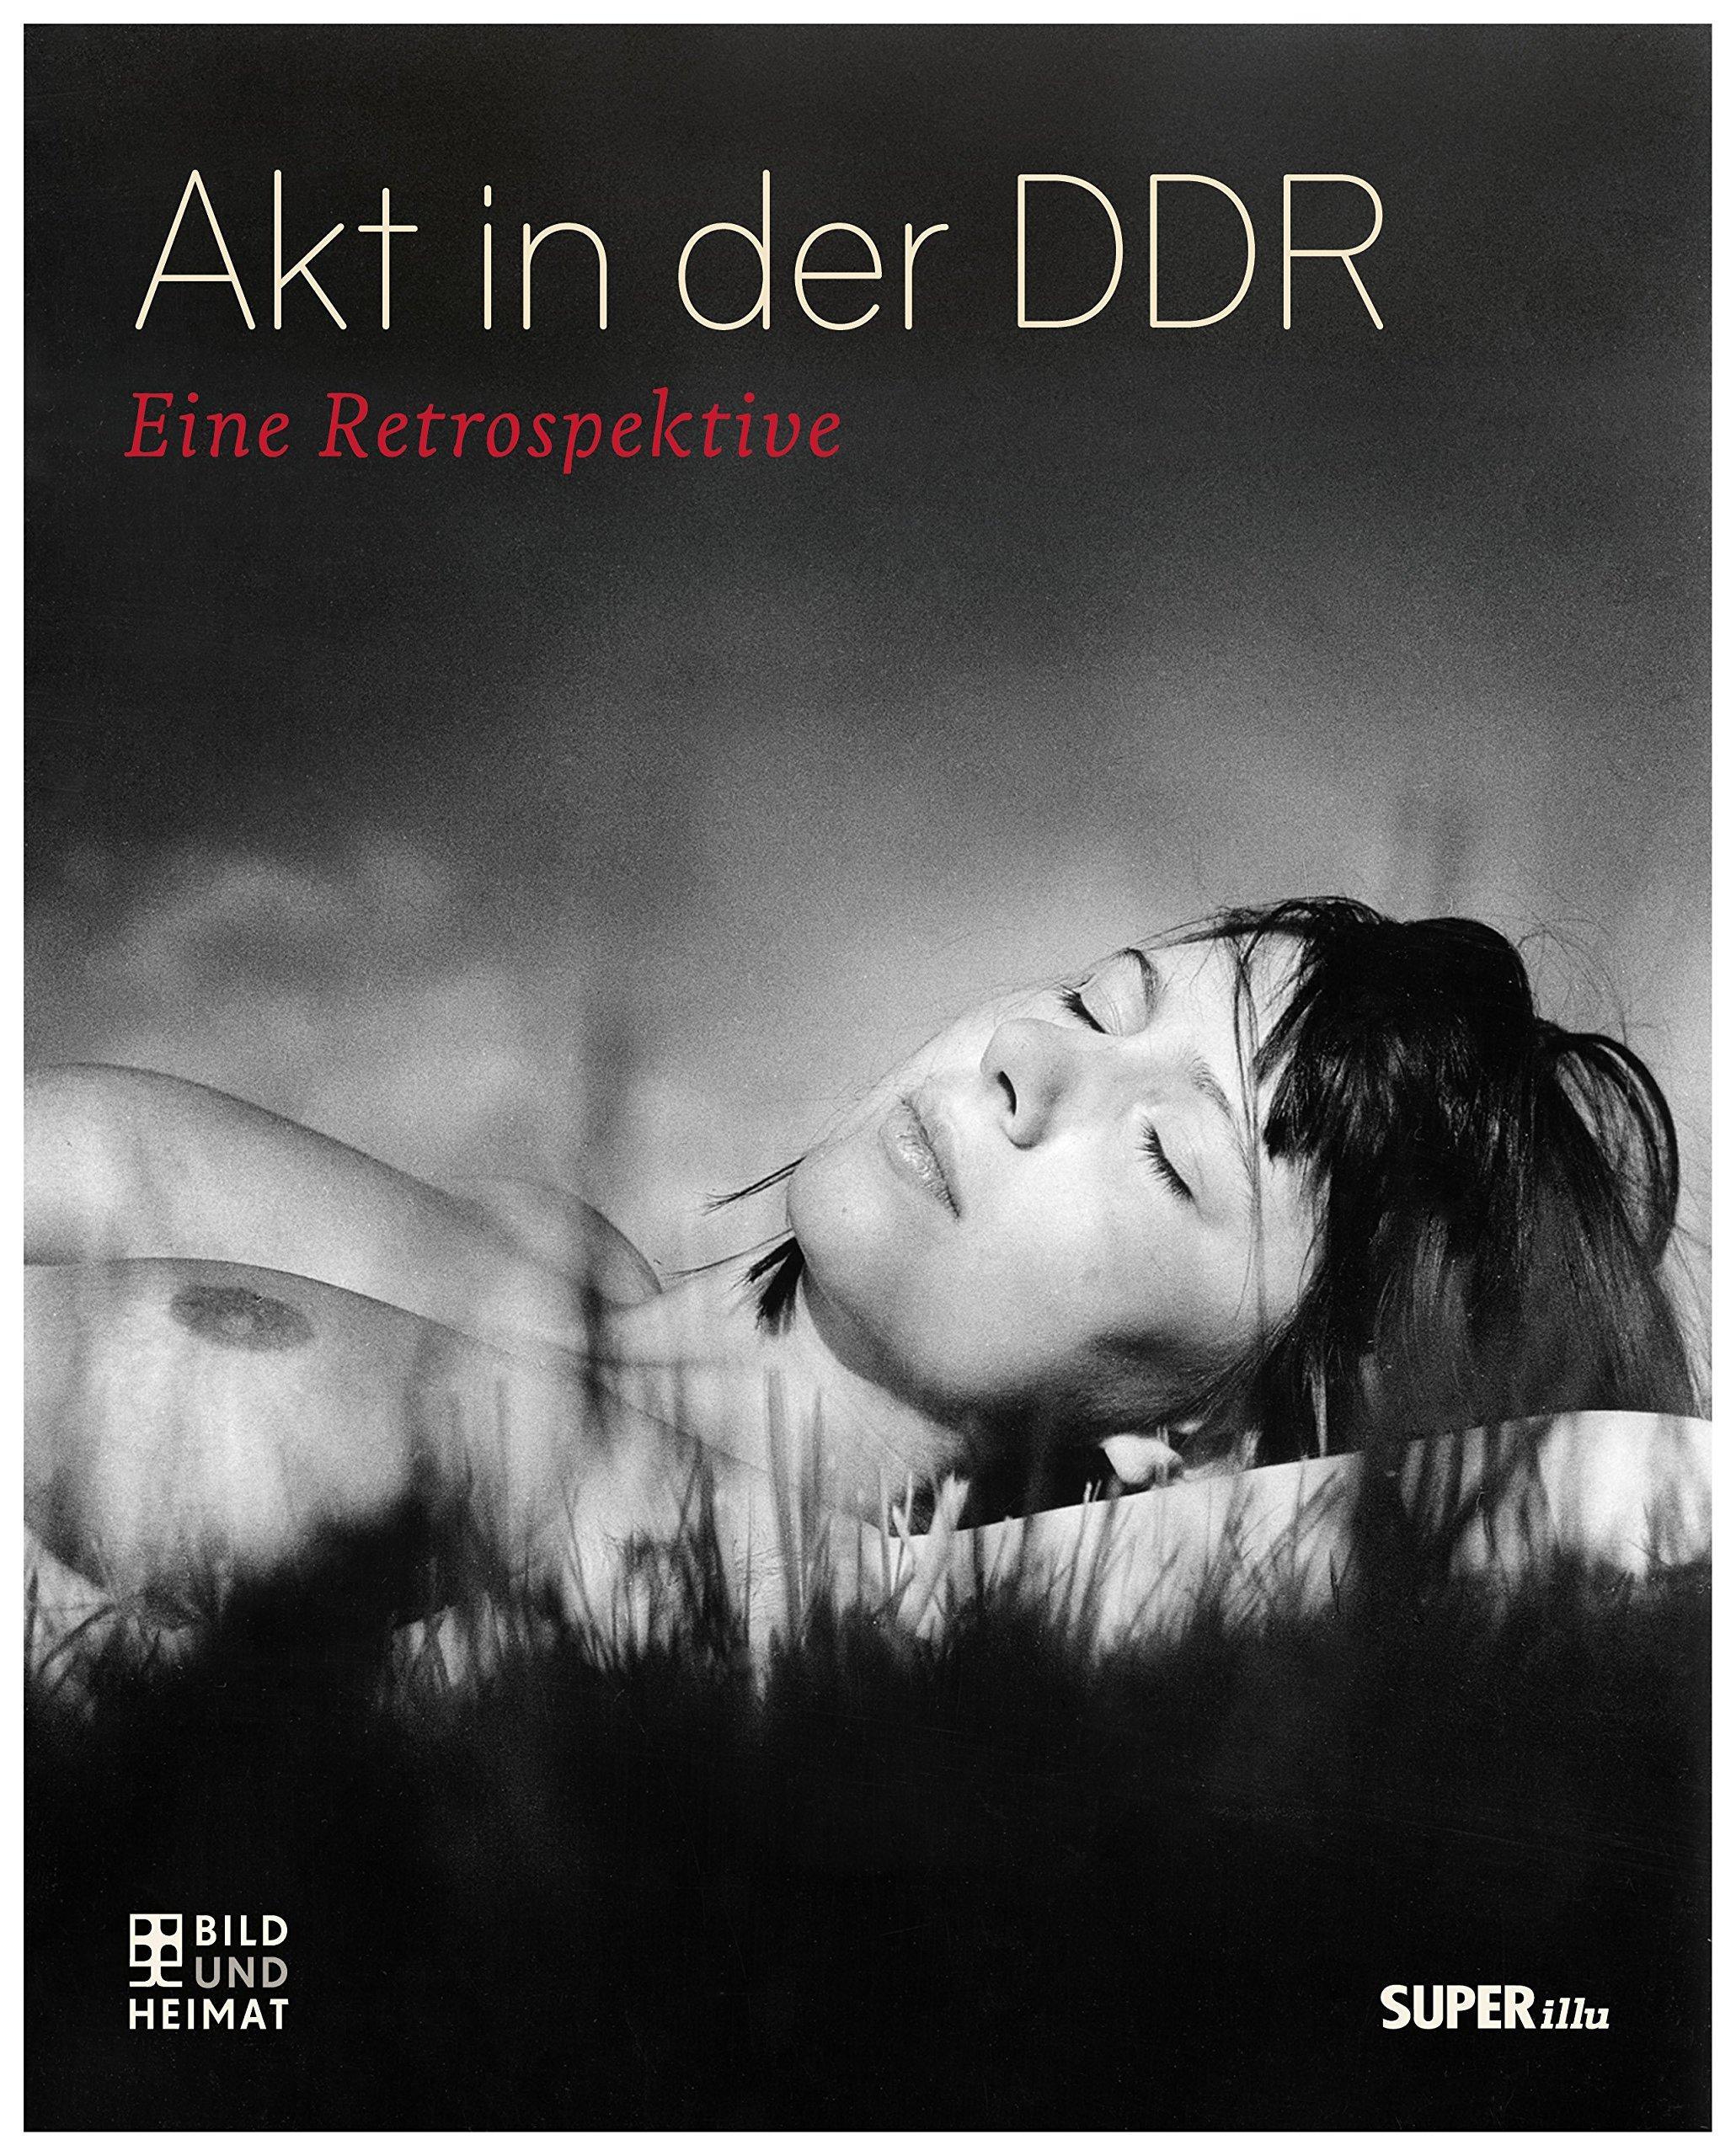 Akt in der DDR: Eine Retrospektive (Bild und Heimat Buch)